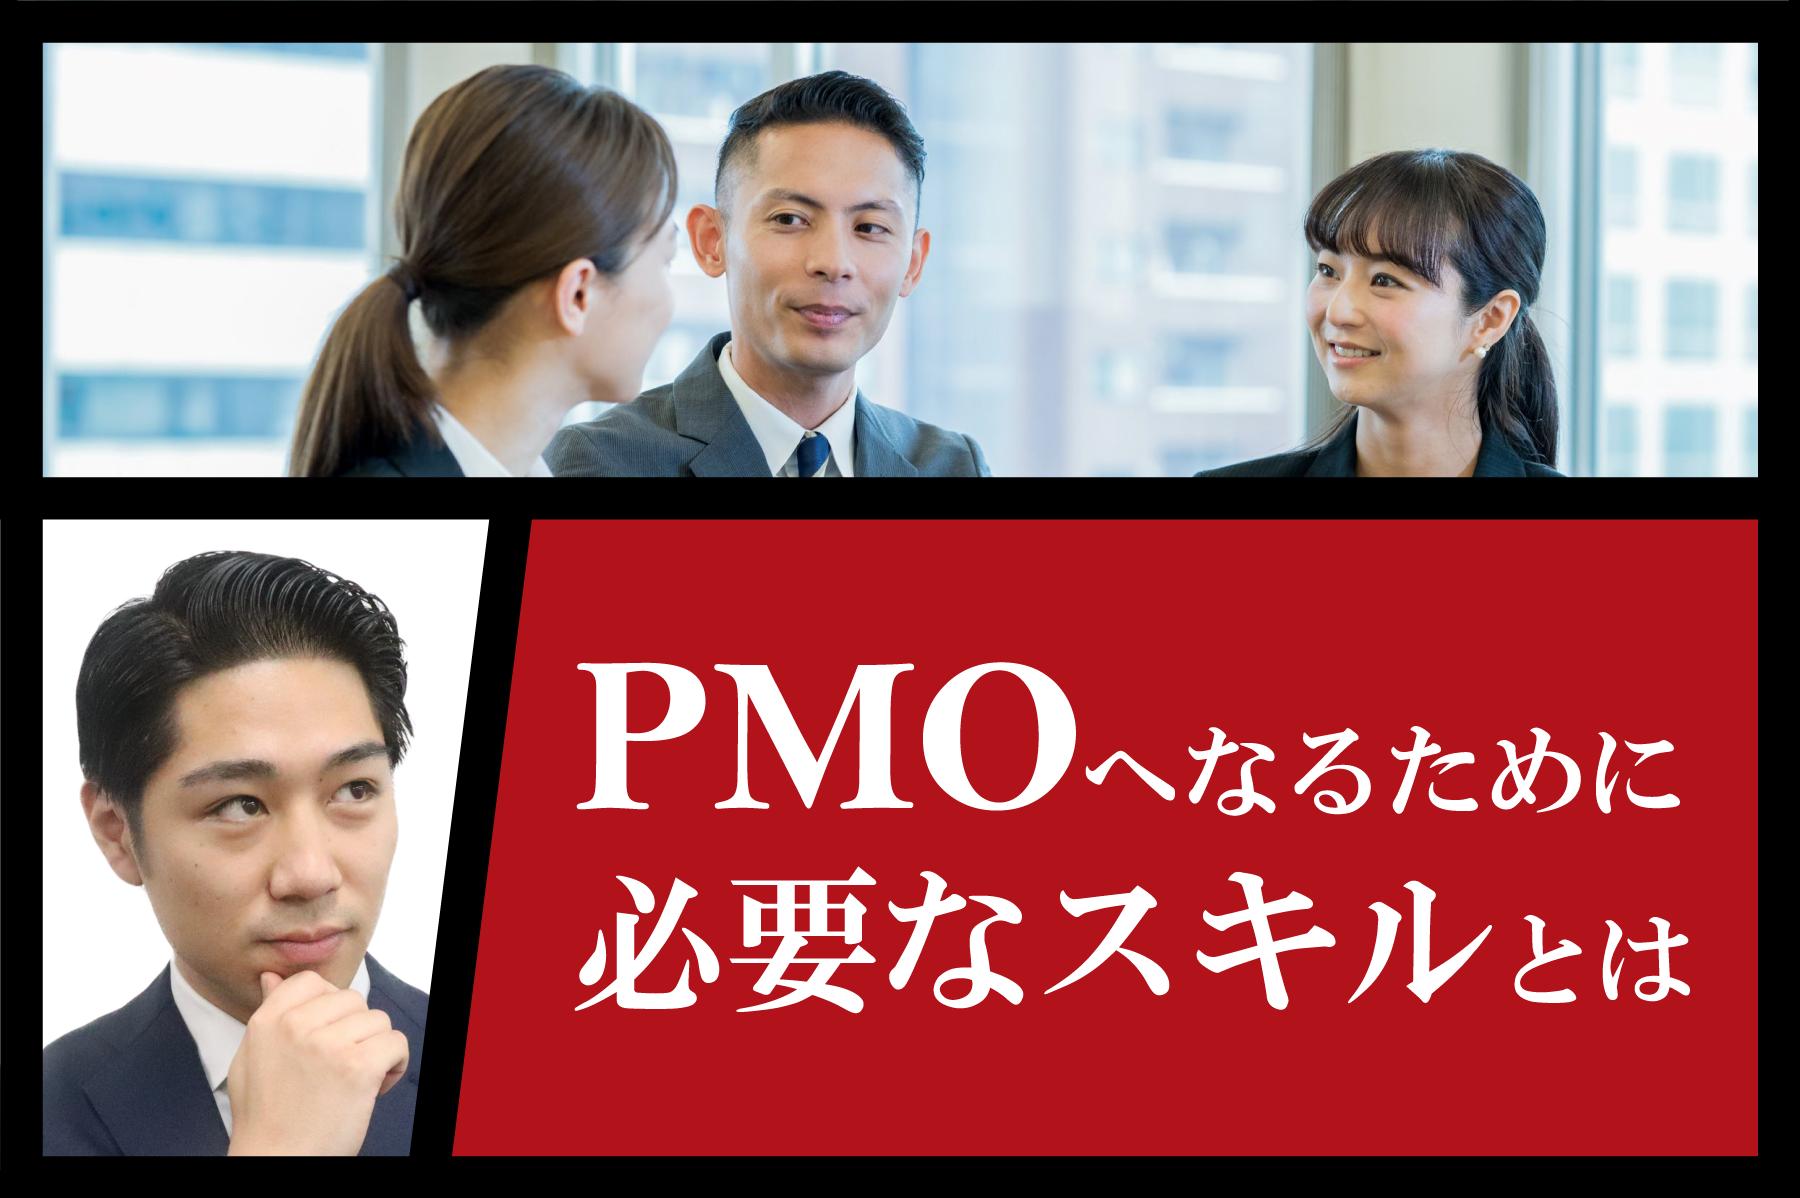 PMOにキャリアアップする方法を解説する男性